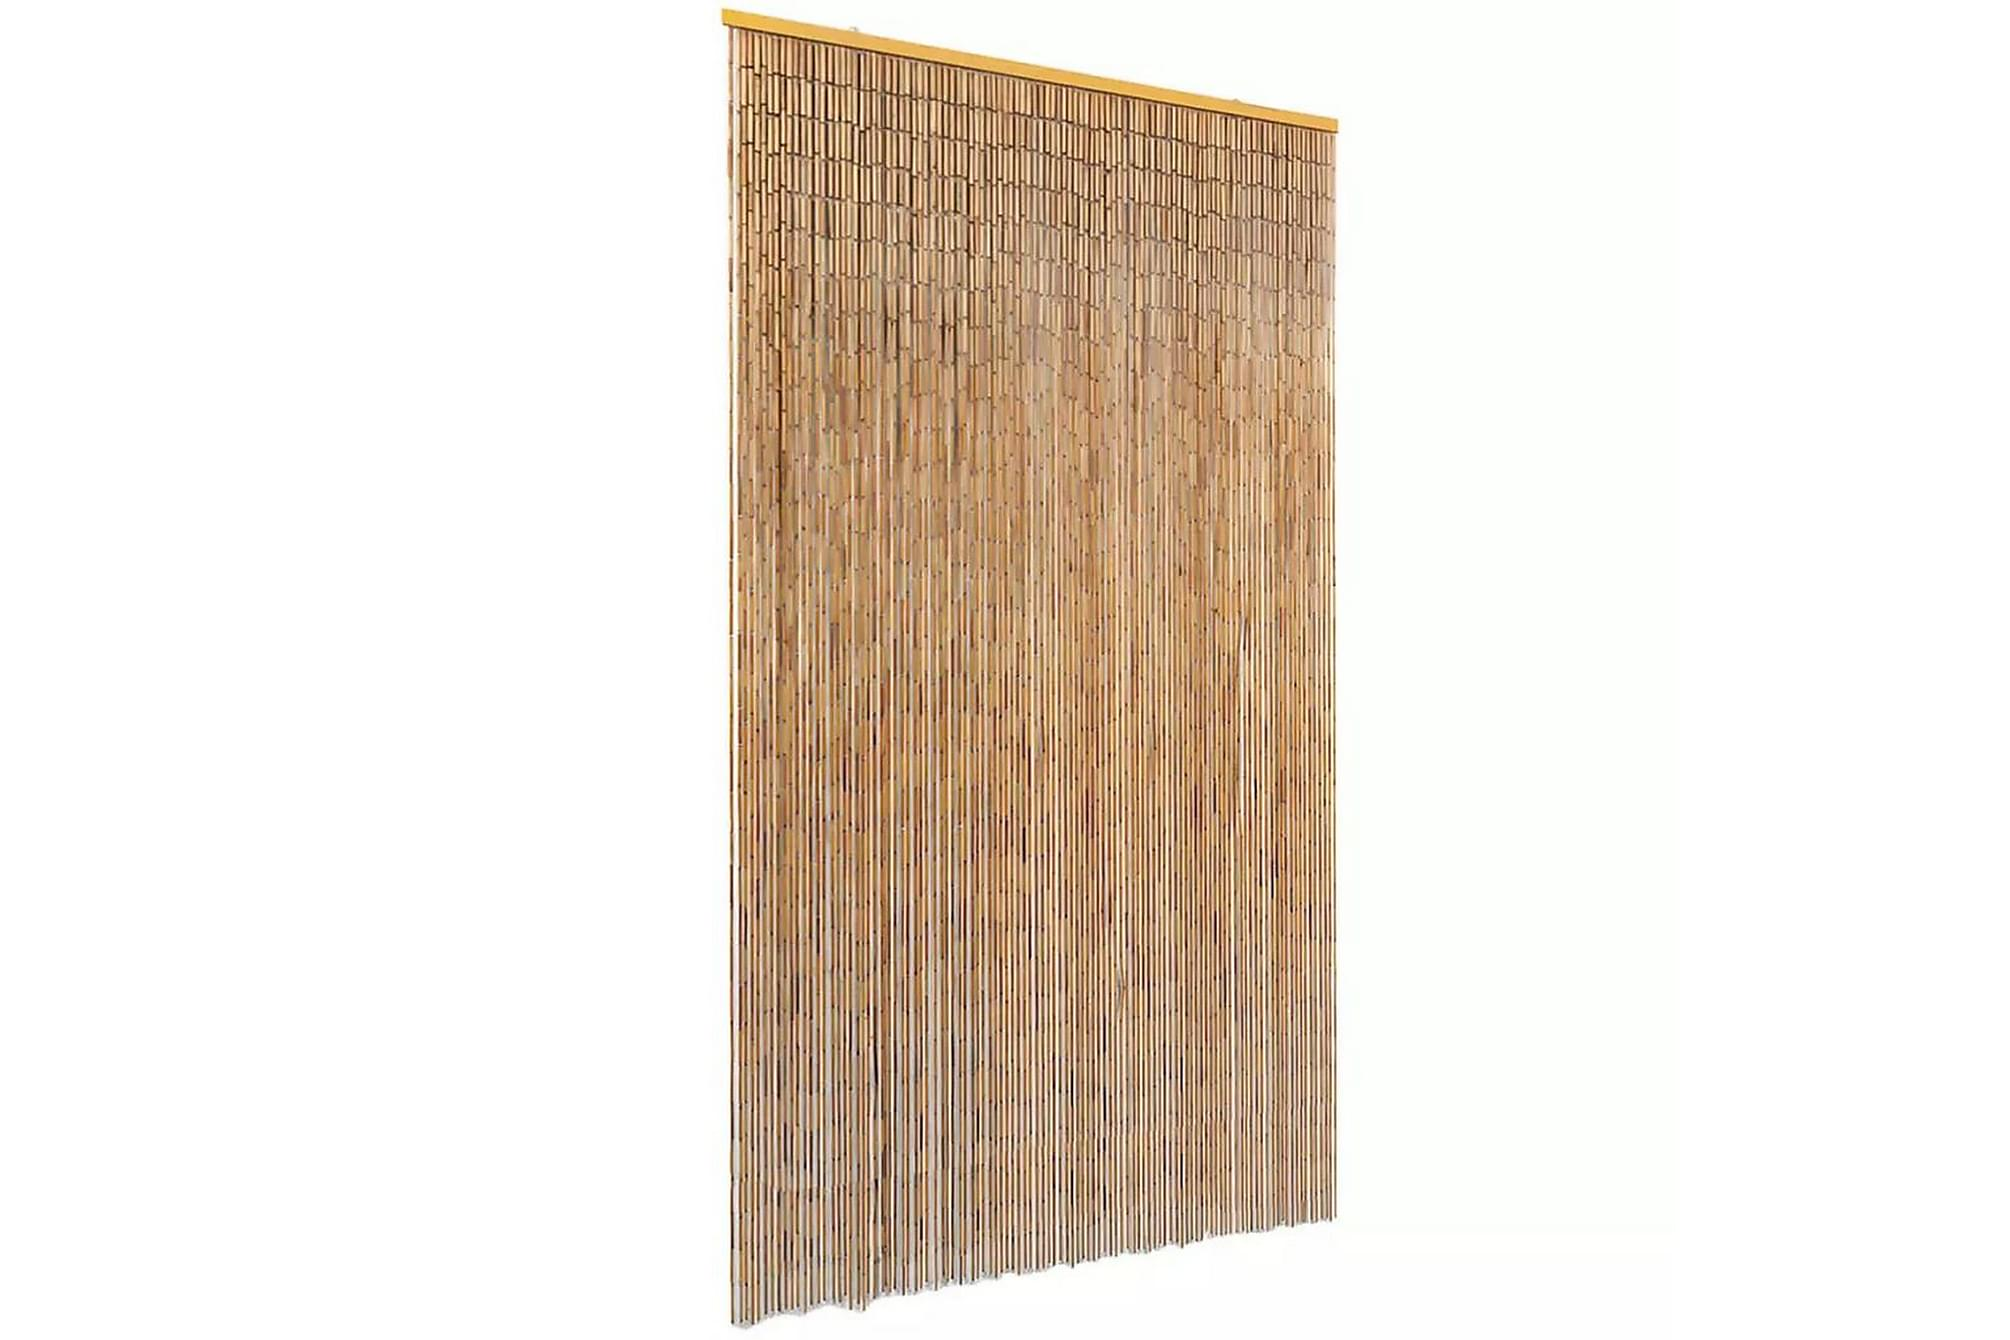 Dörrdraperi bambu 120x220 cm, Myggnät